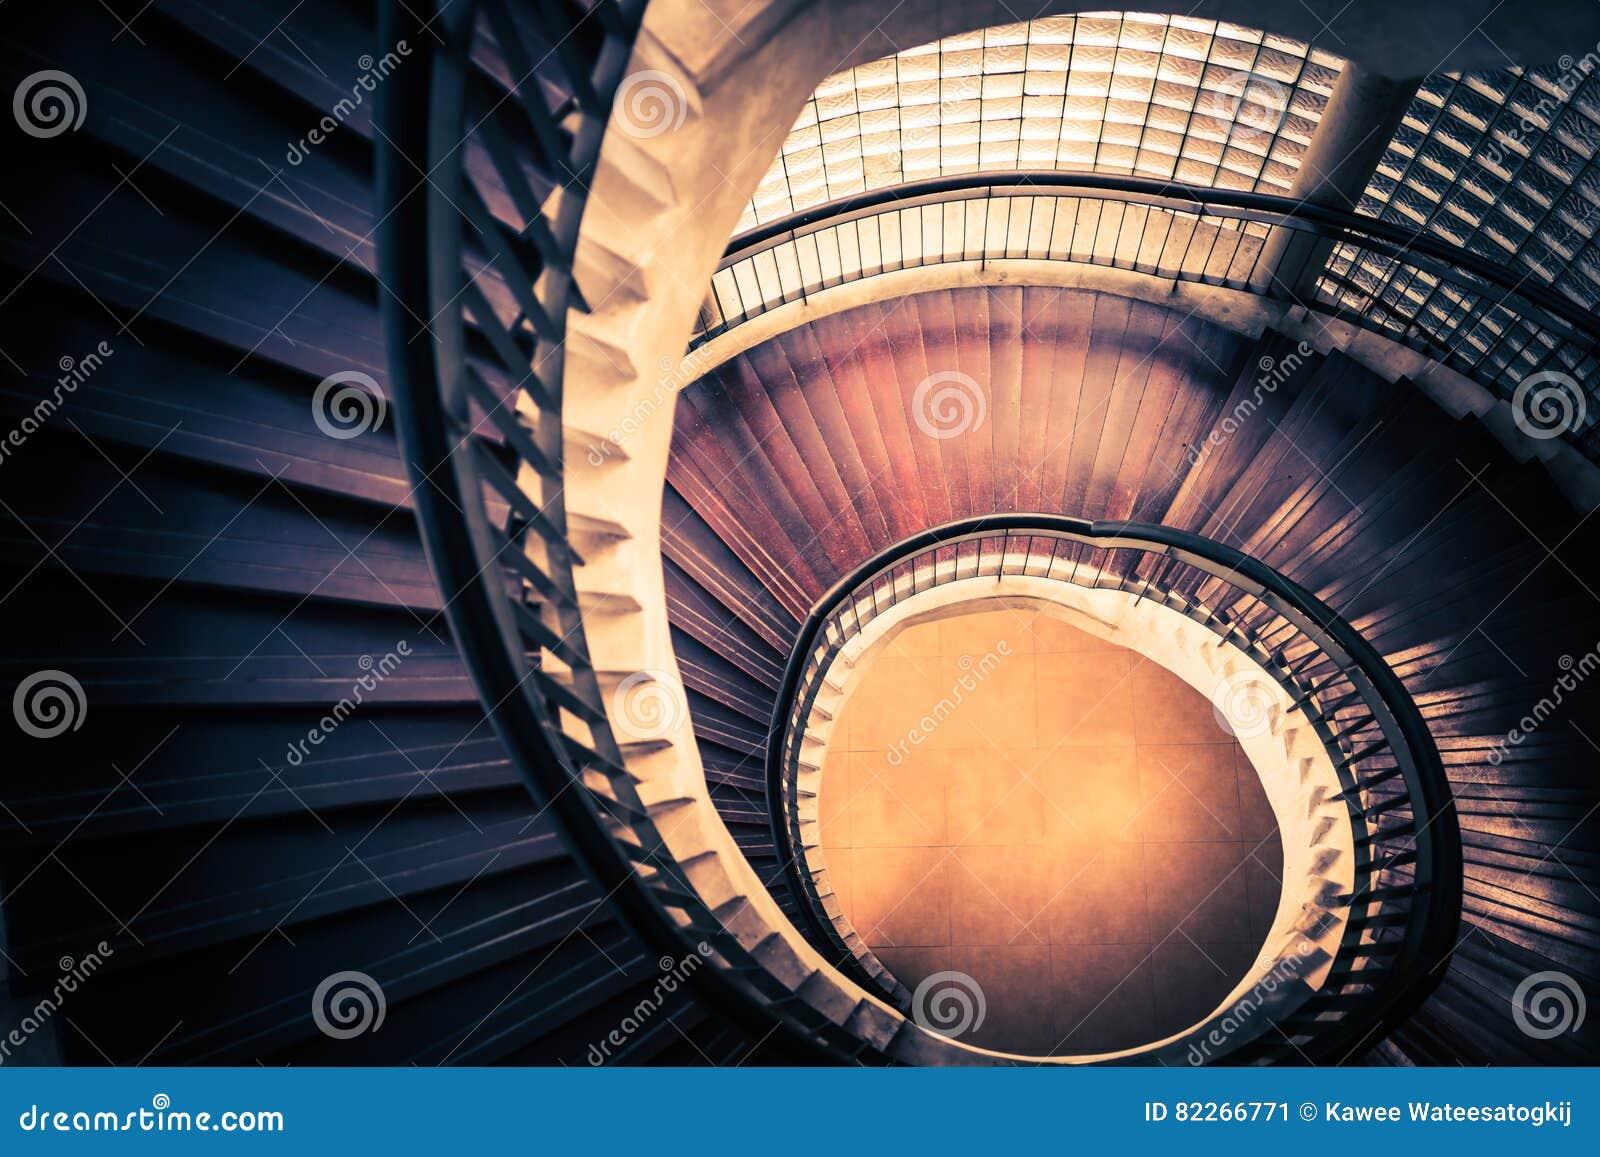 Scala nella forma di turbinio o di spirale, composizione in rapporto di Fibonacci, estratto o concetto dorato di architettura, mi